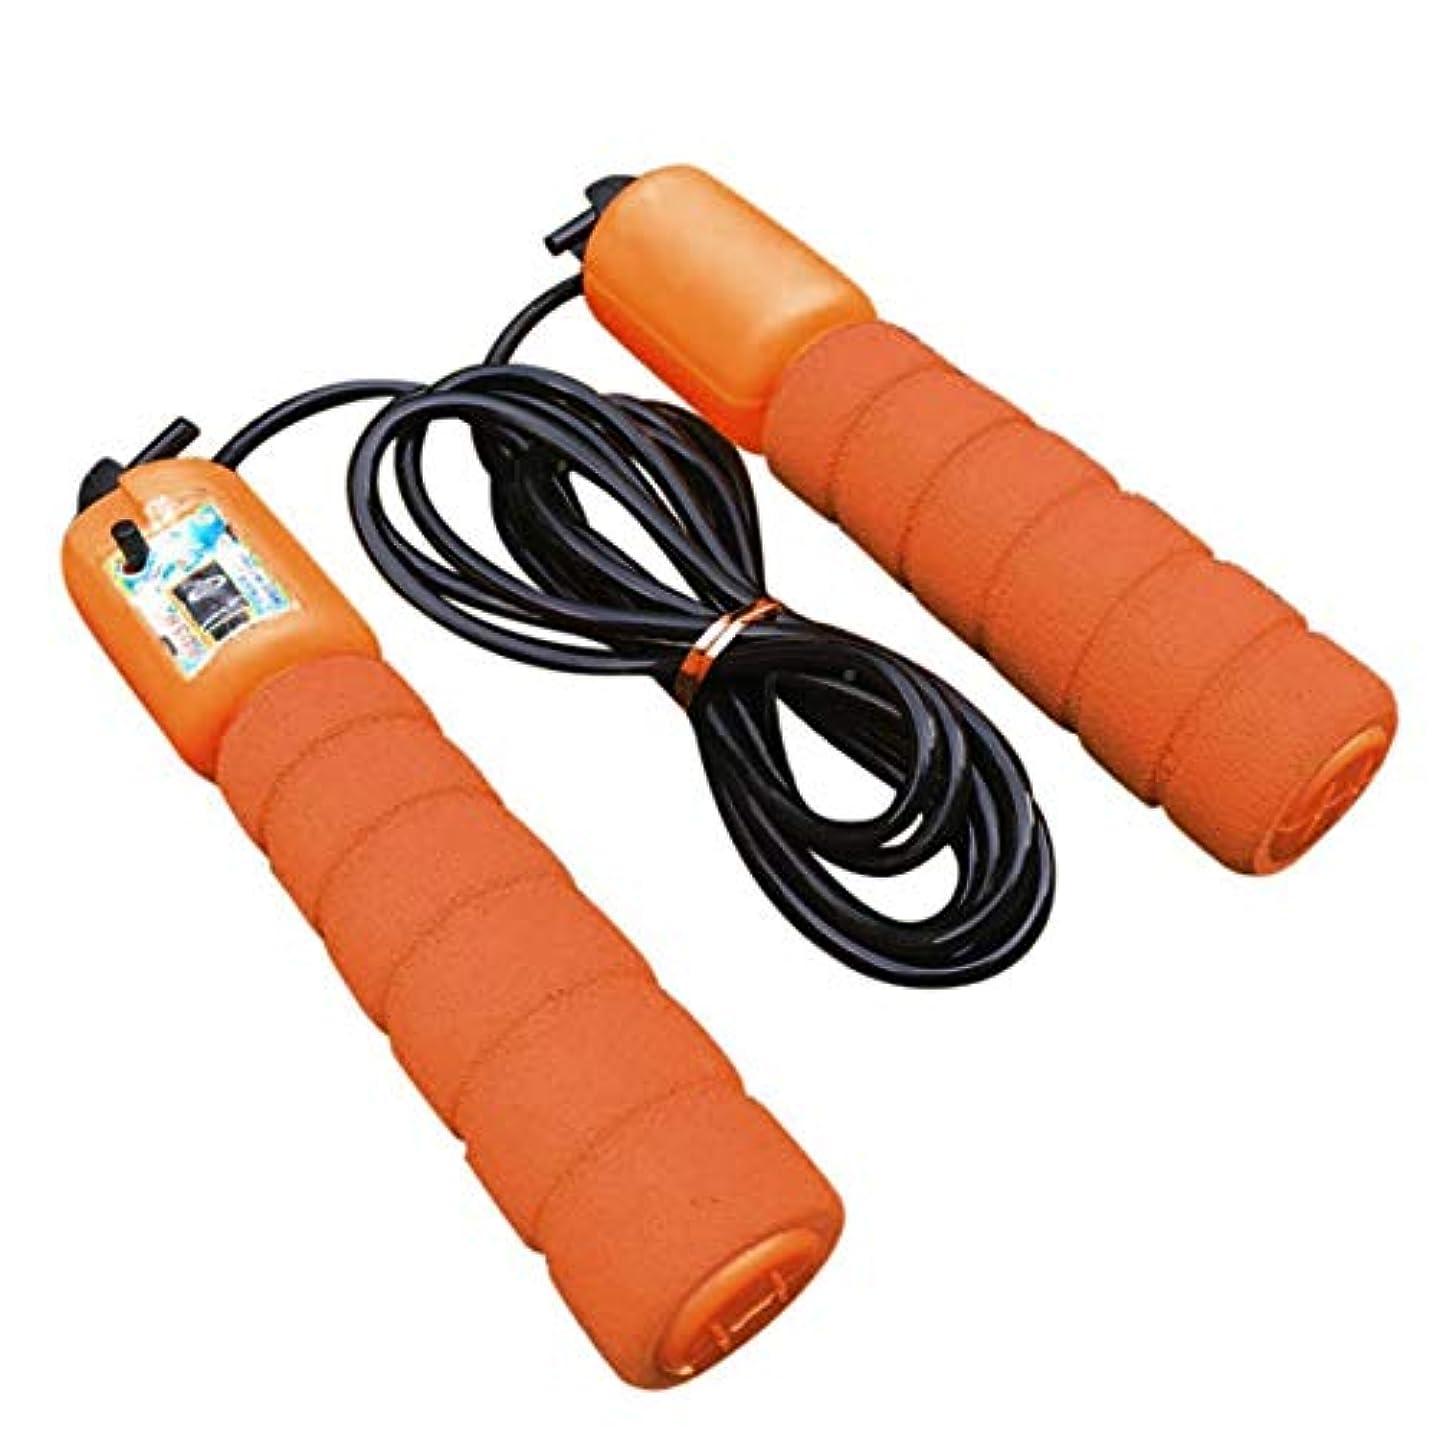 調整可能なプロのカウント縄跳び自動カウントジャンプロープフィットネス運動高速カウントジャンプロープ - オレンジ